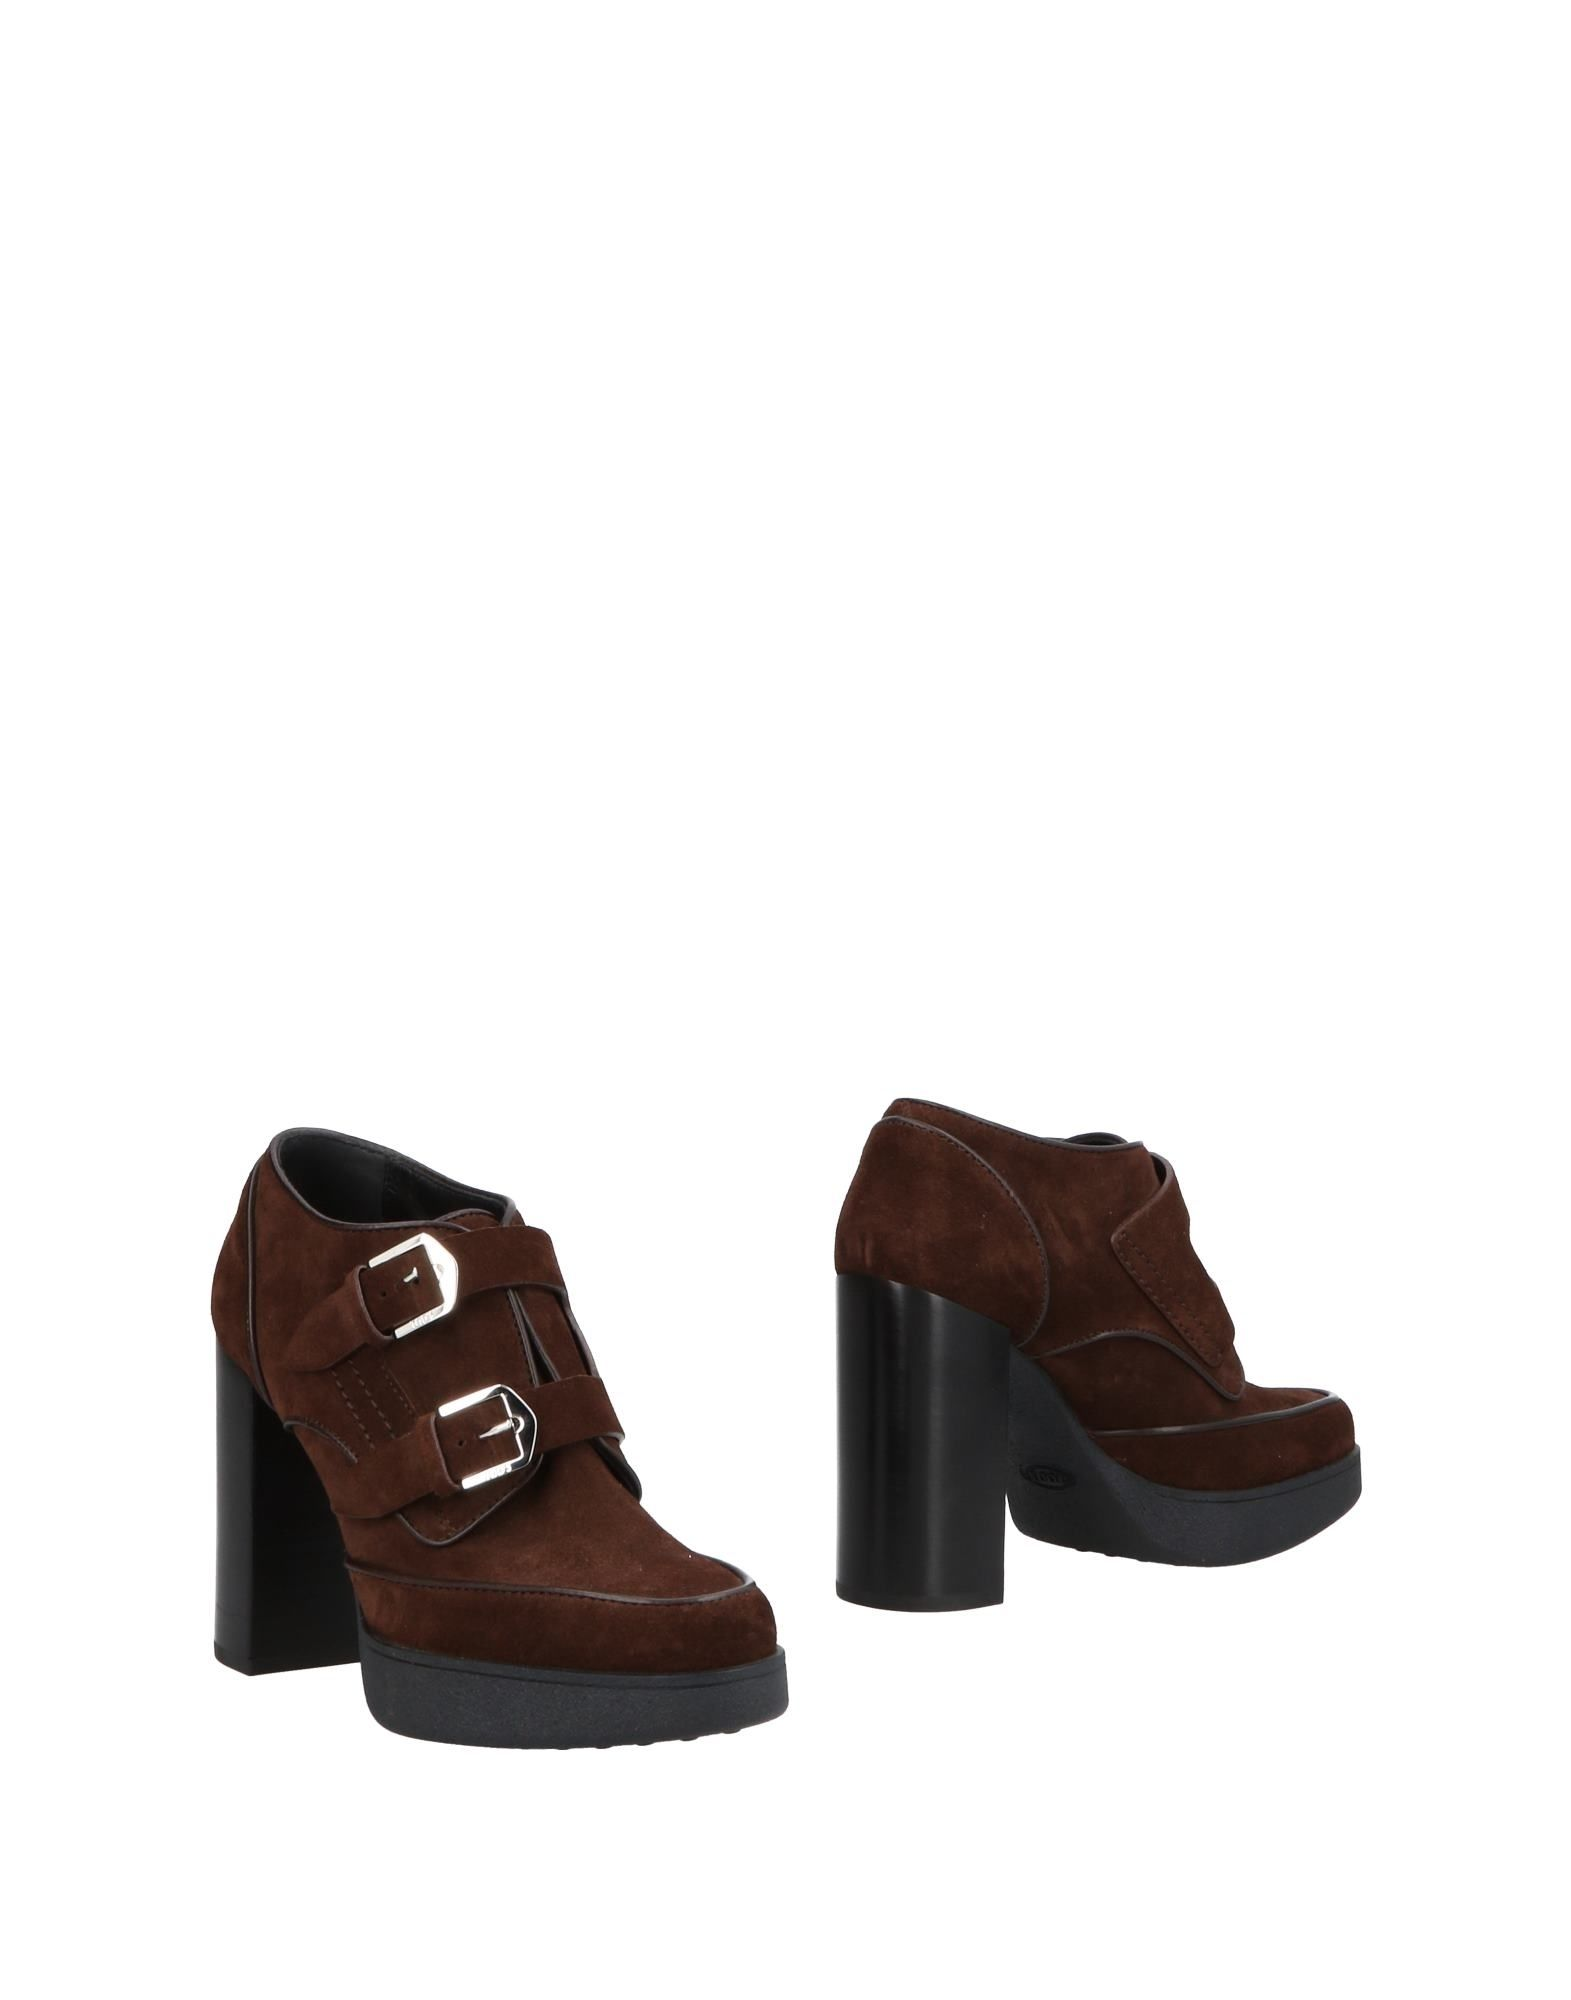 Rabatt Schuhe Tod's Stiefelette  Damen  Stiefelette 11503778NT a32eaa